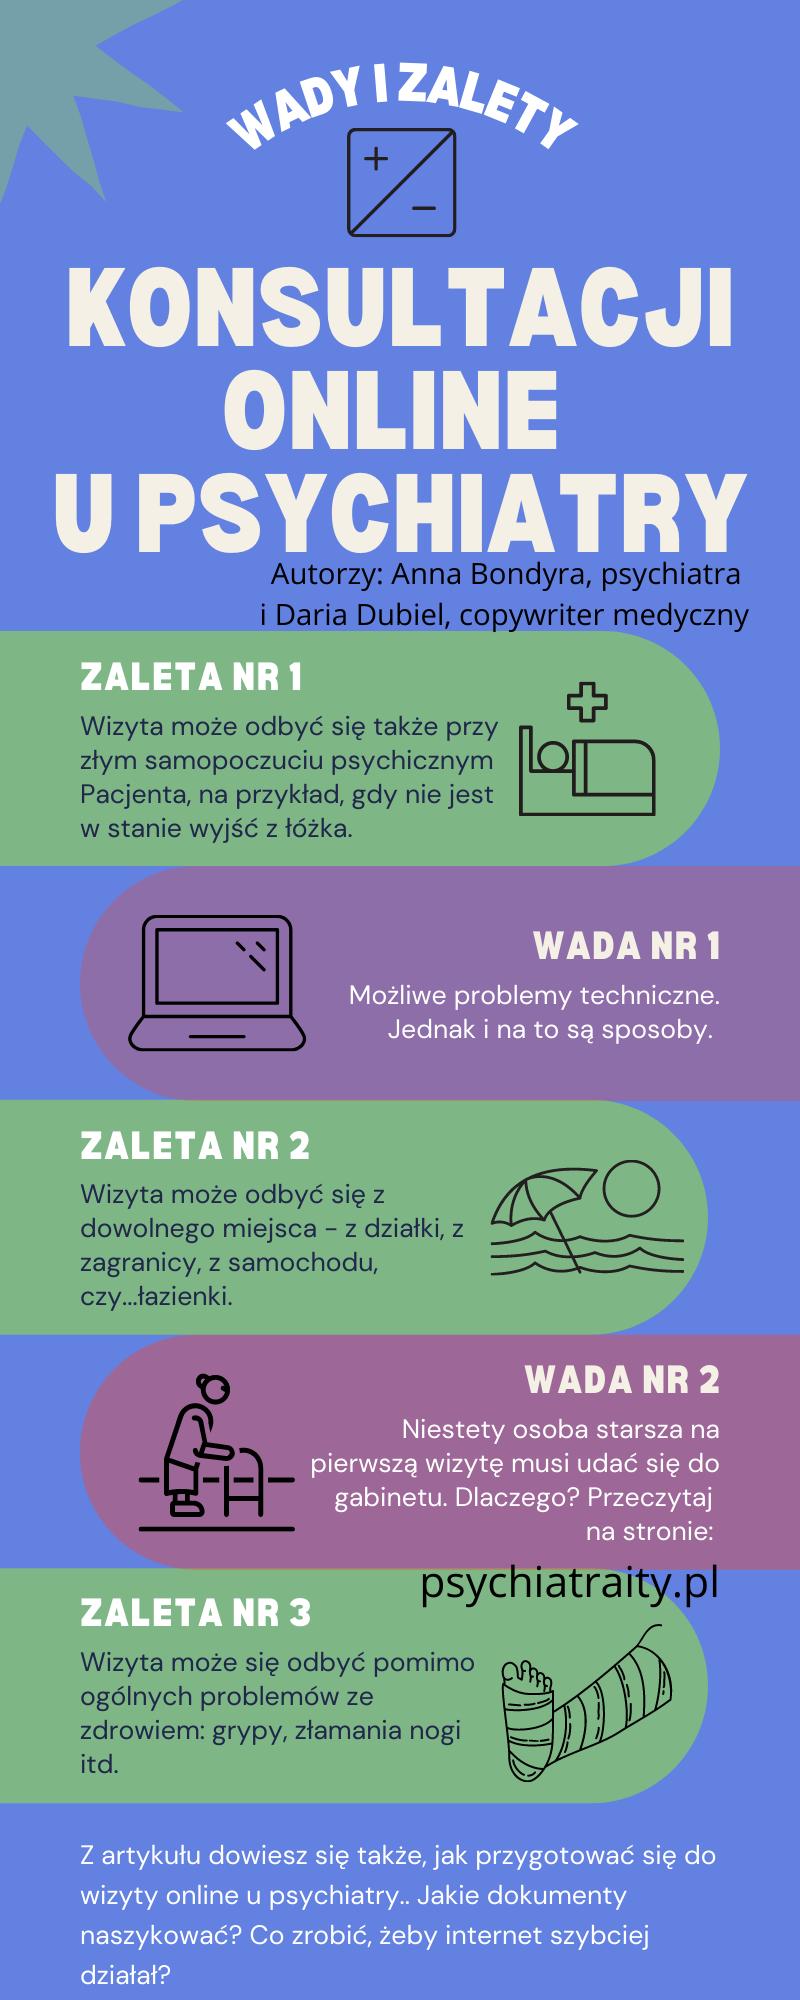 konsultacja-online-u-psychiatry